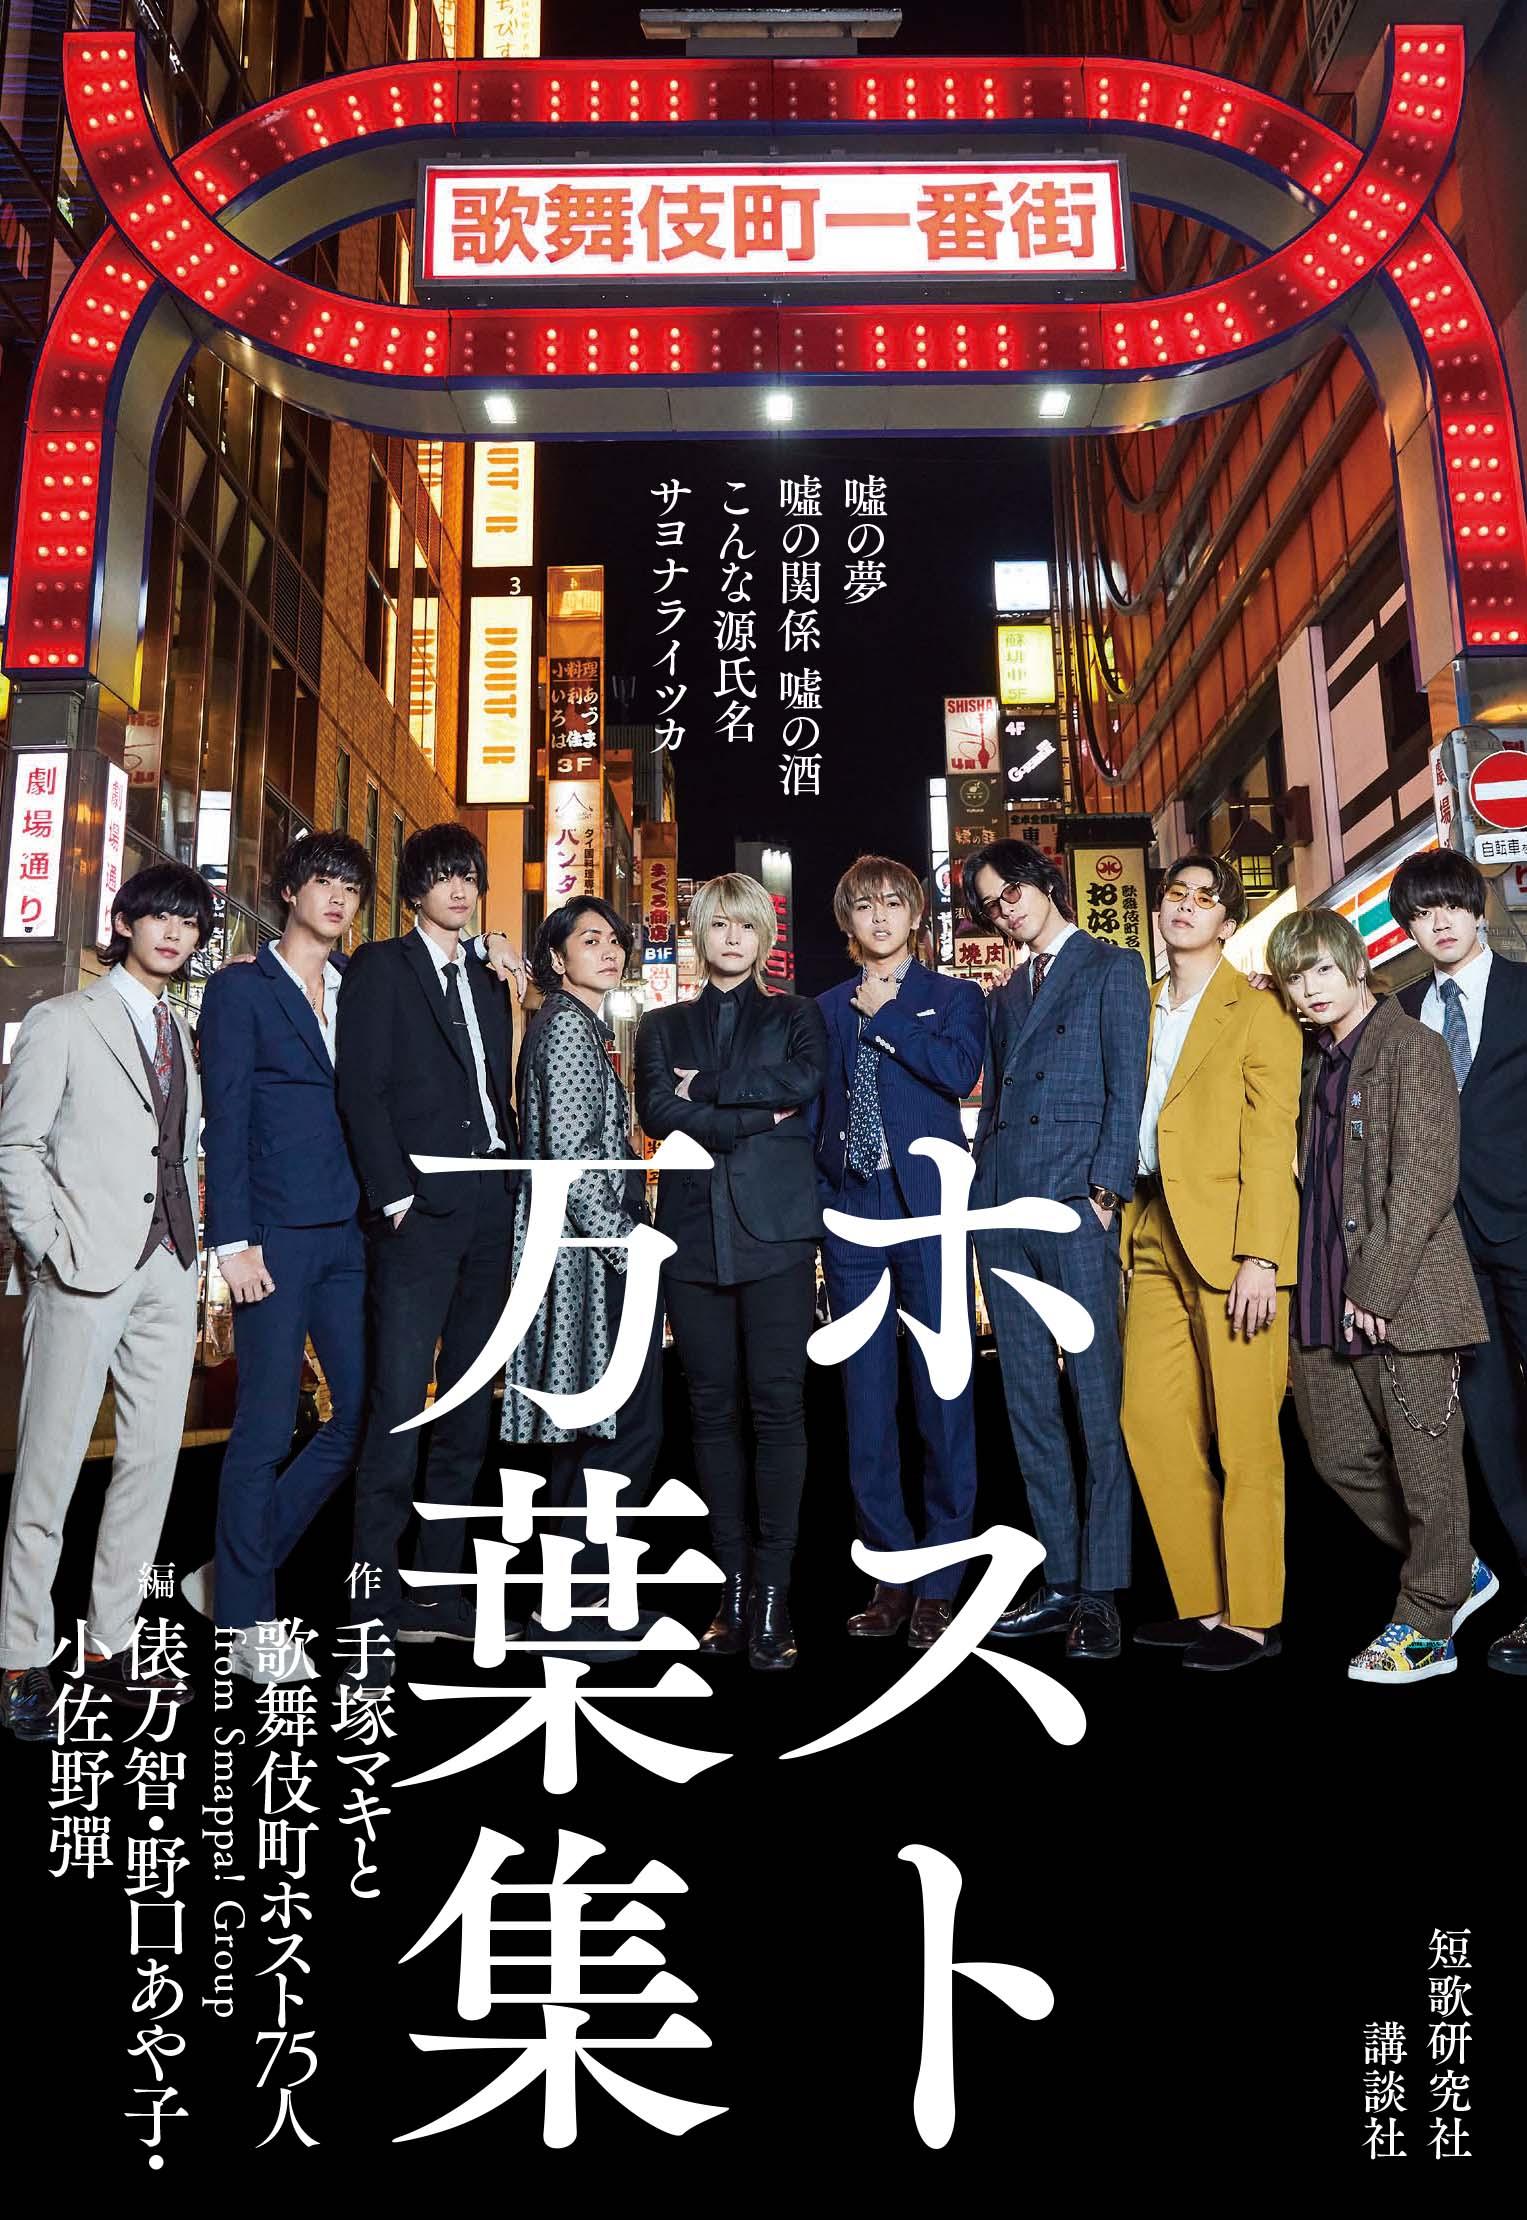 歌舞伎町ホストが短歌を詠む。Smappa!Groupと俵万智・野口あや子・小佐野彈が2年間にわたる歌会をまとめた「ホスト万葉集」発売。